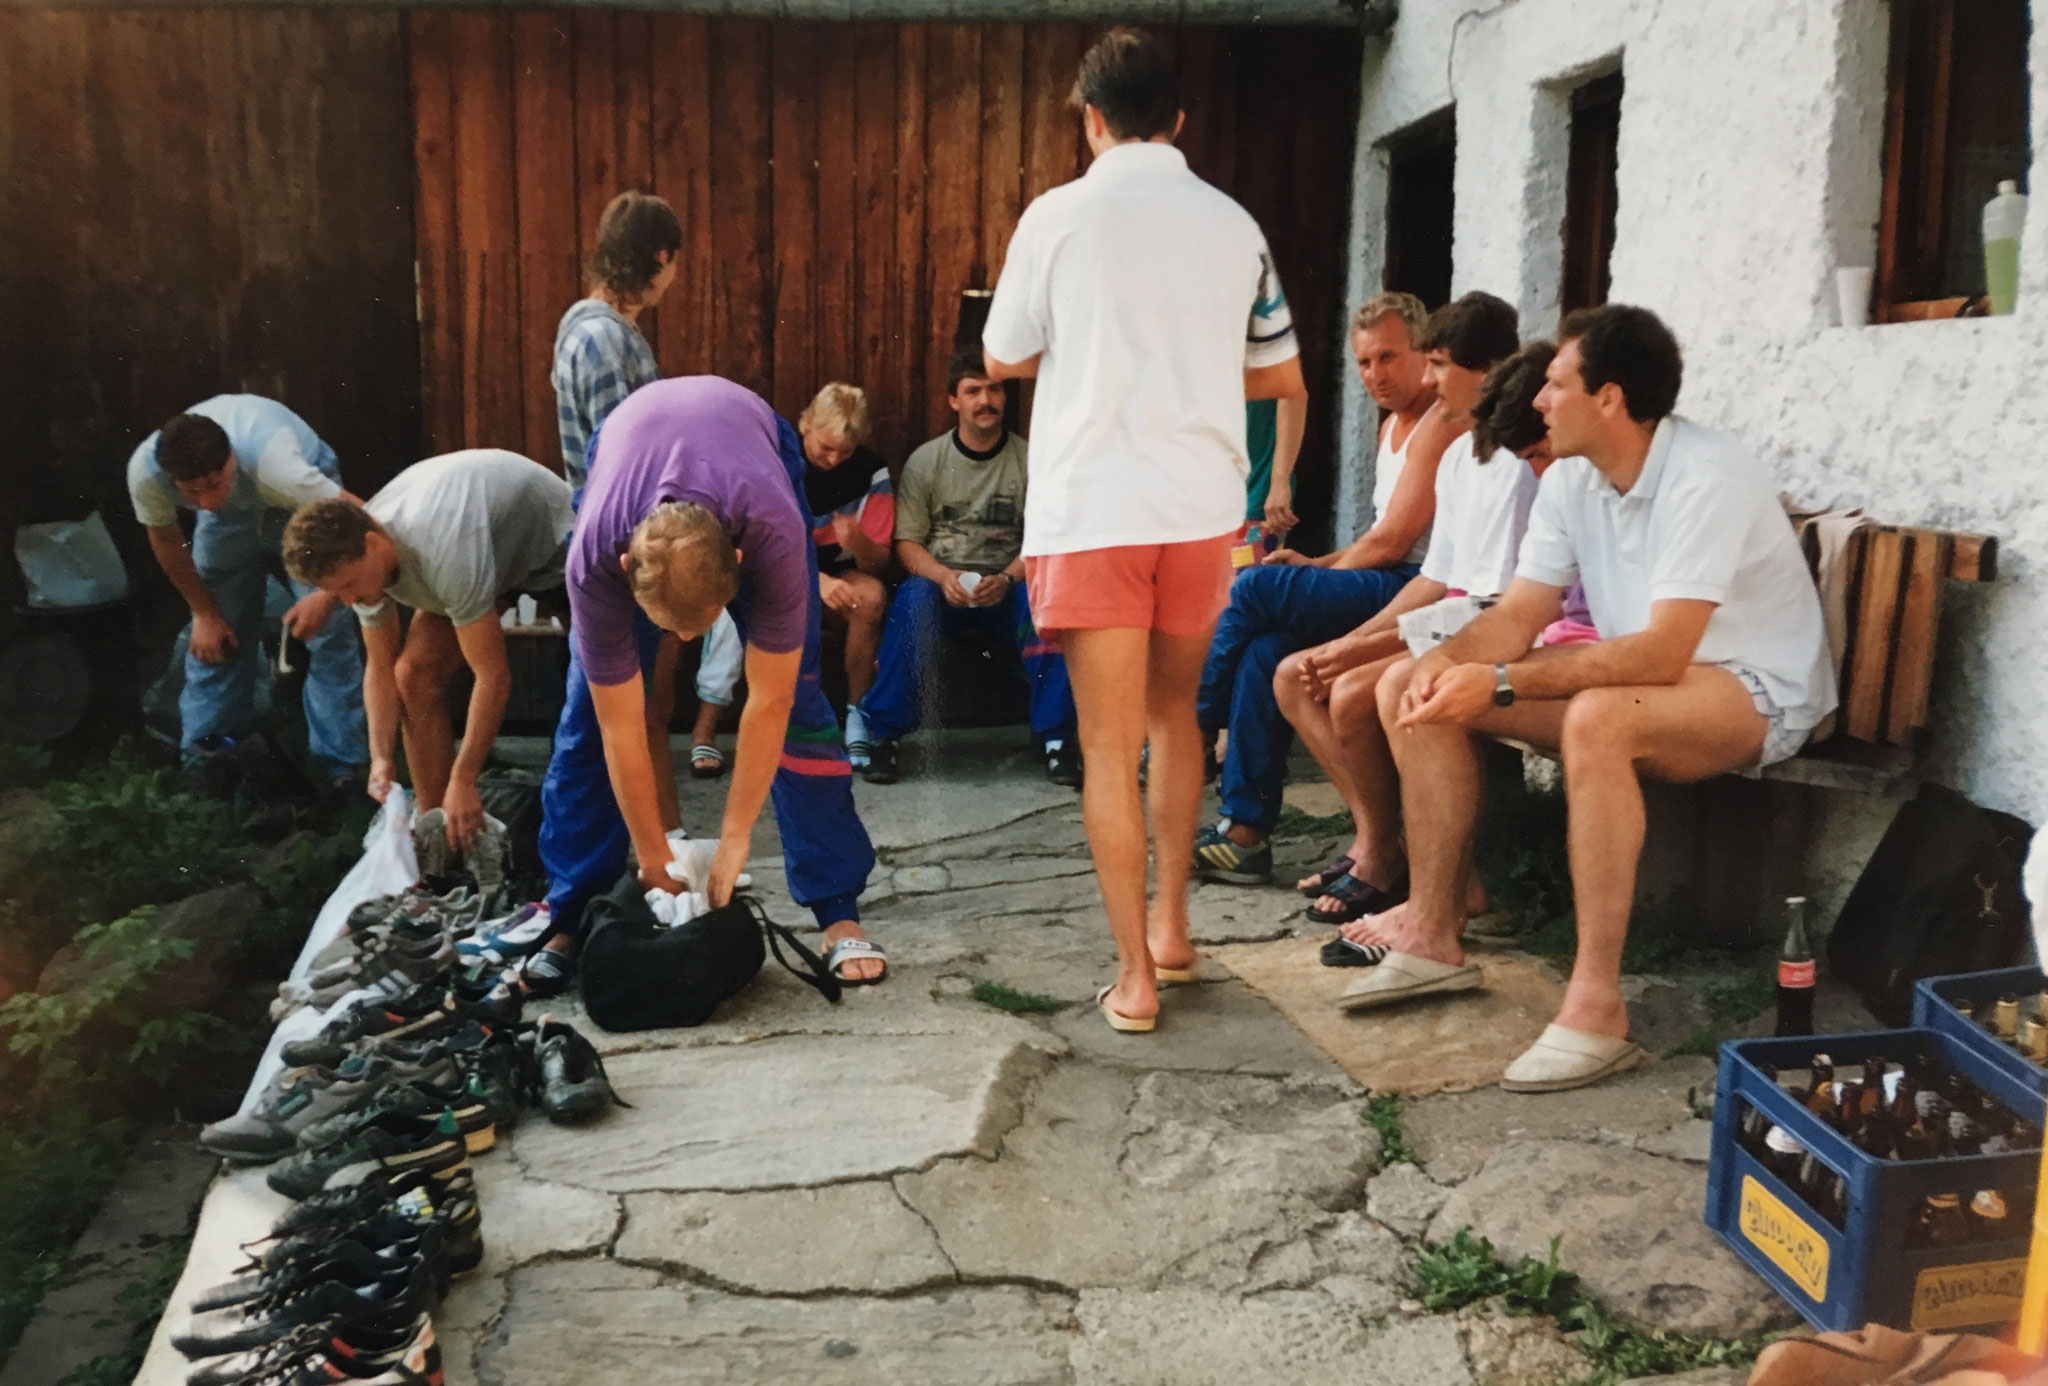 Die 1. Mannschaft im Trainingslager zur Vorbereitung auf die Bezirksliga-Saison 1991/92